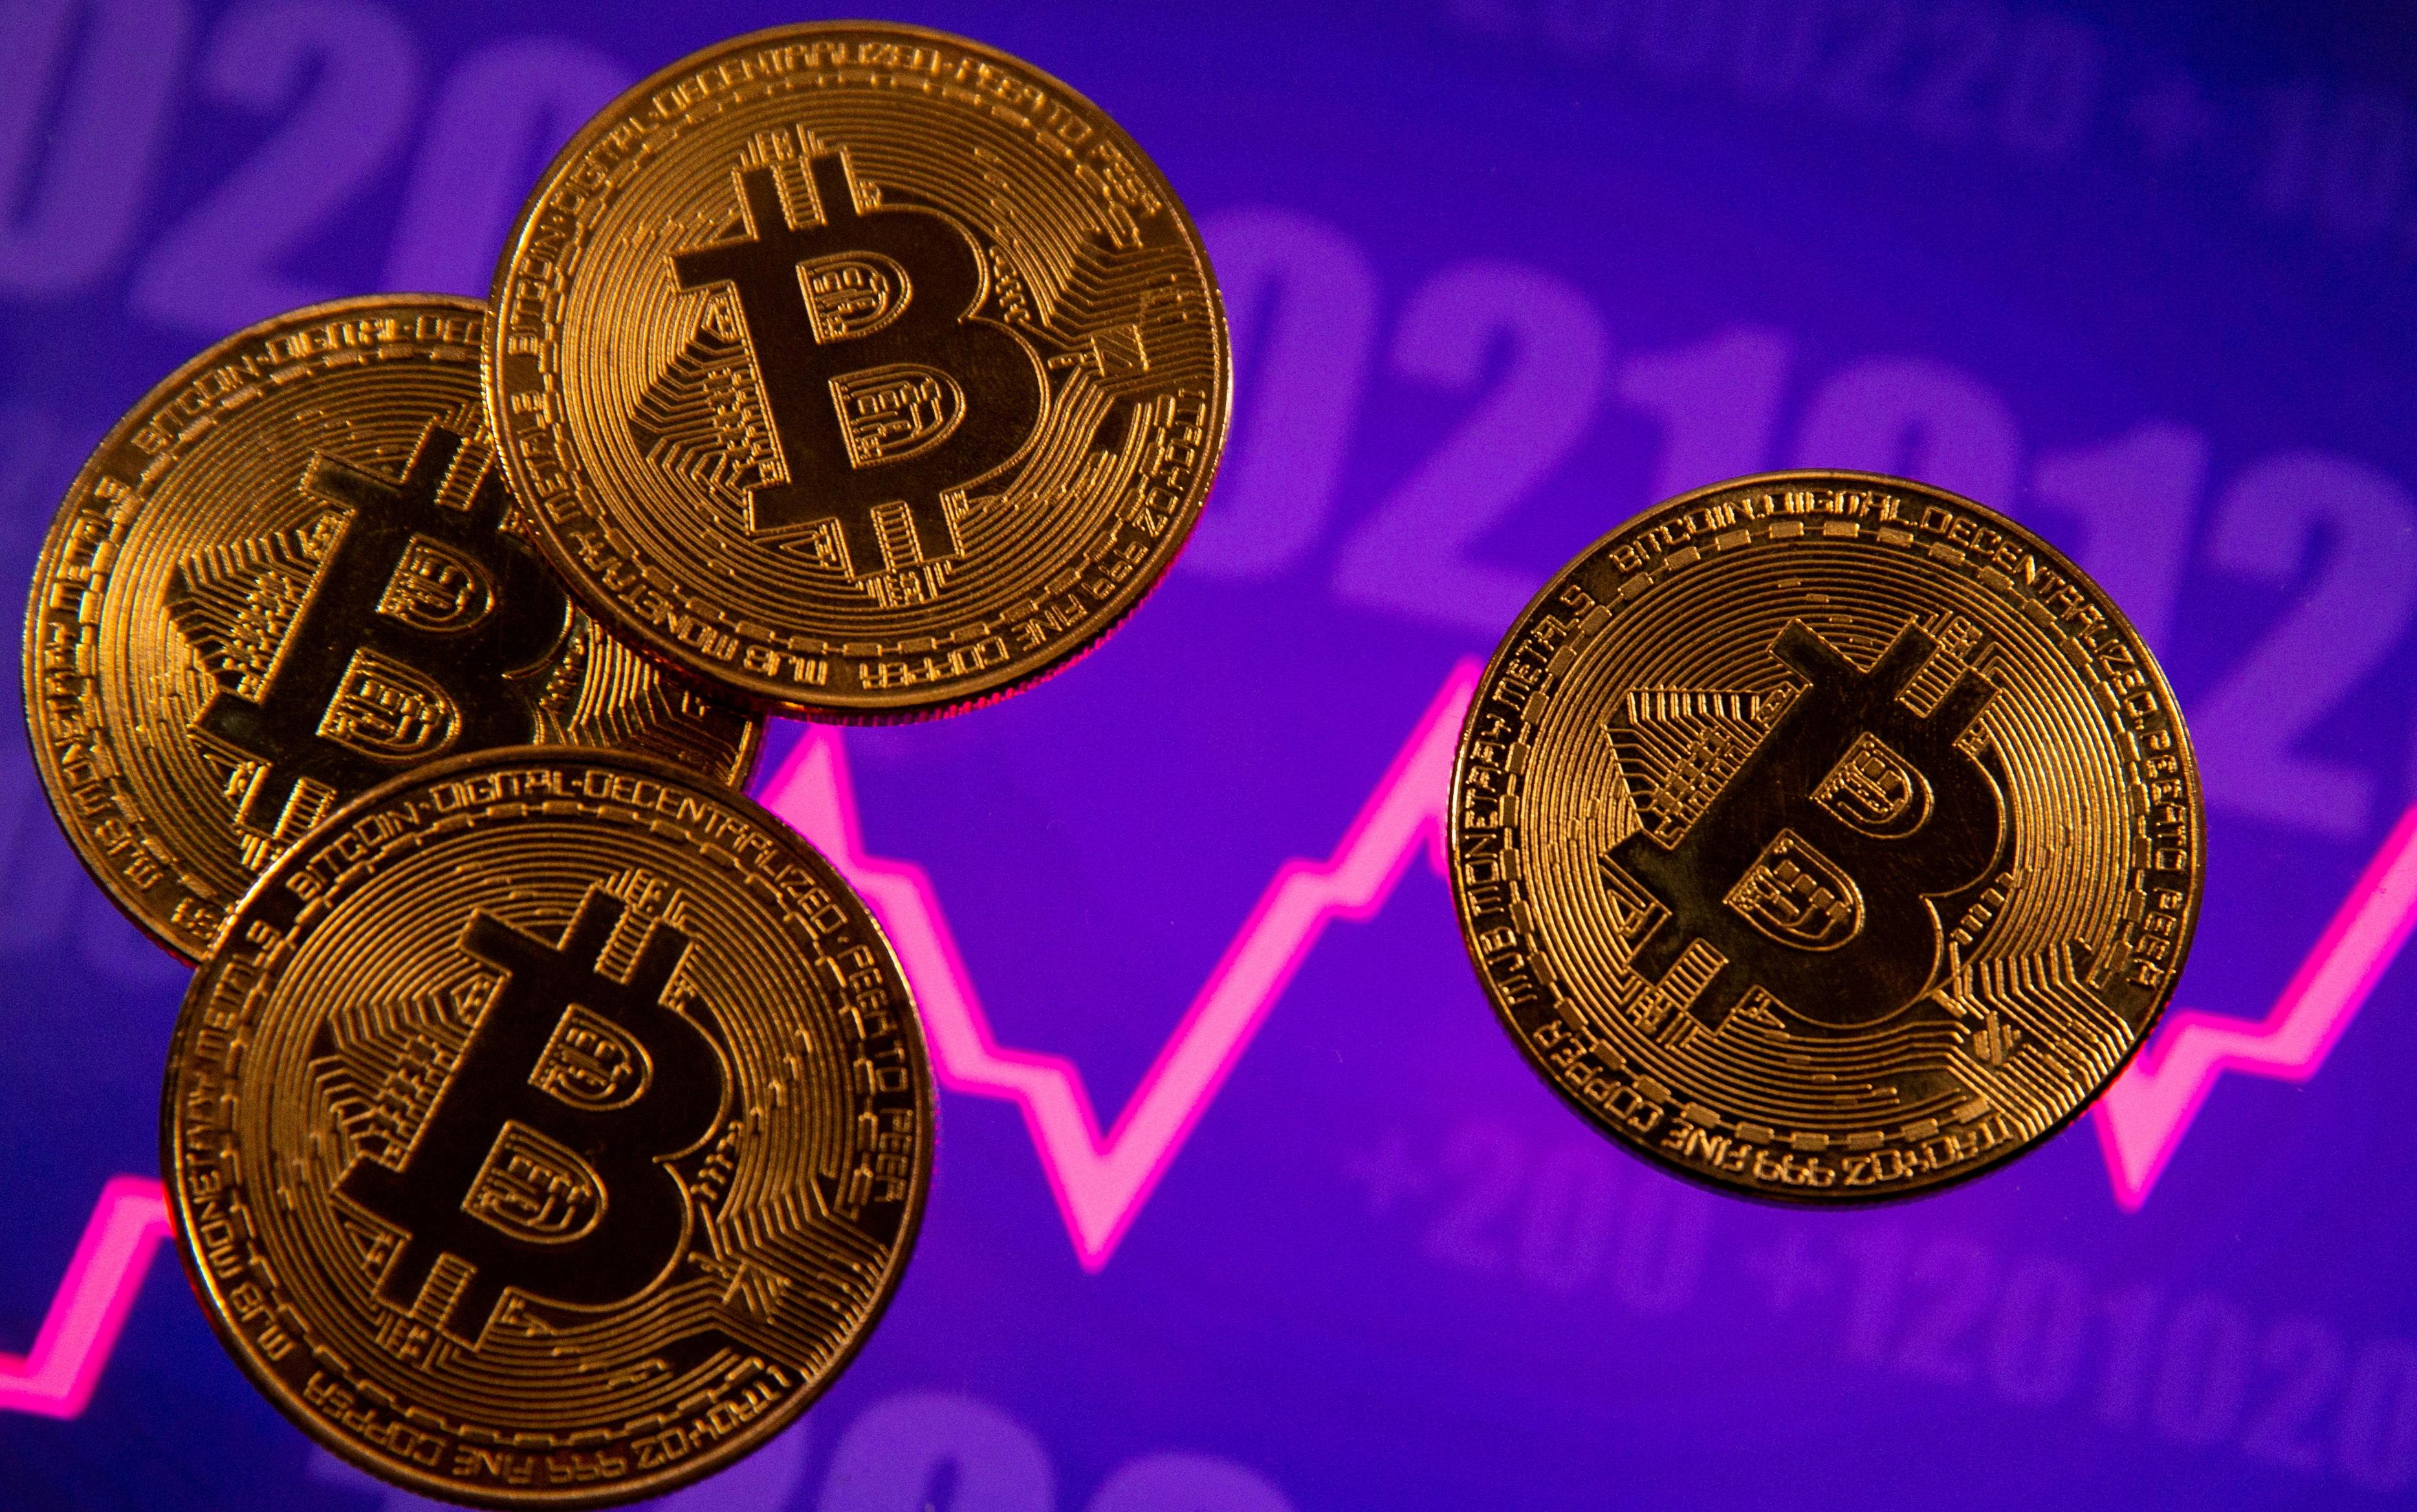 nasdaq bitcoin 2021